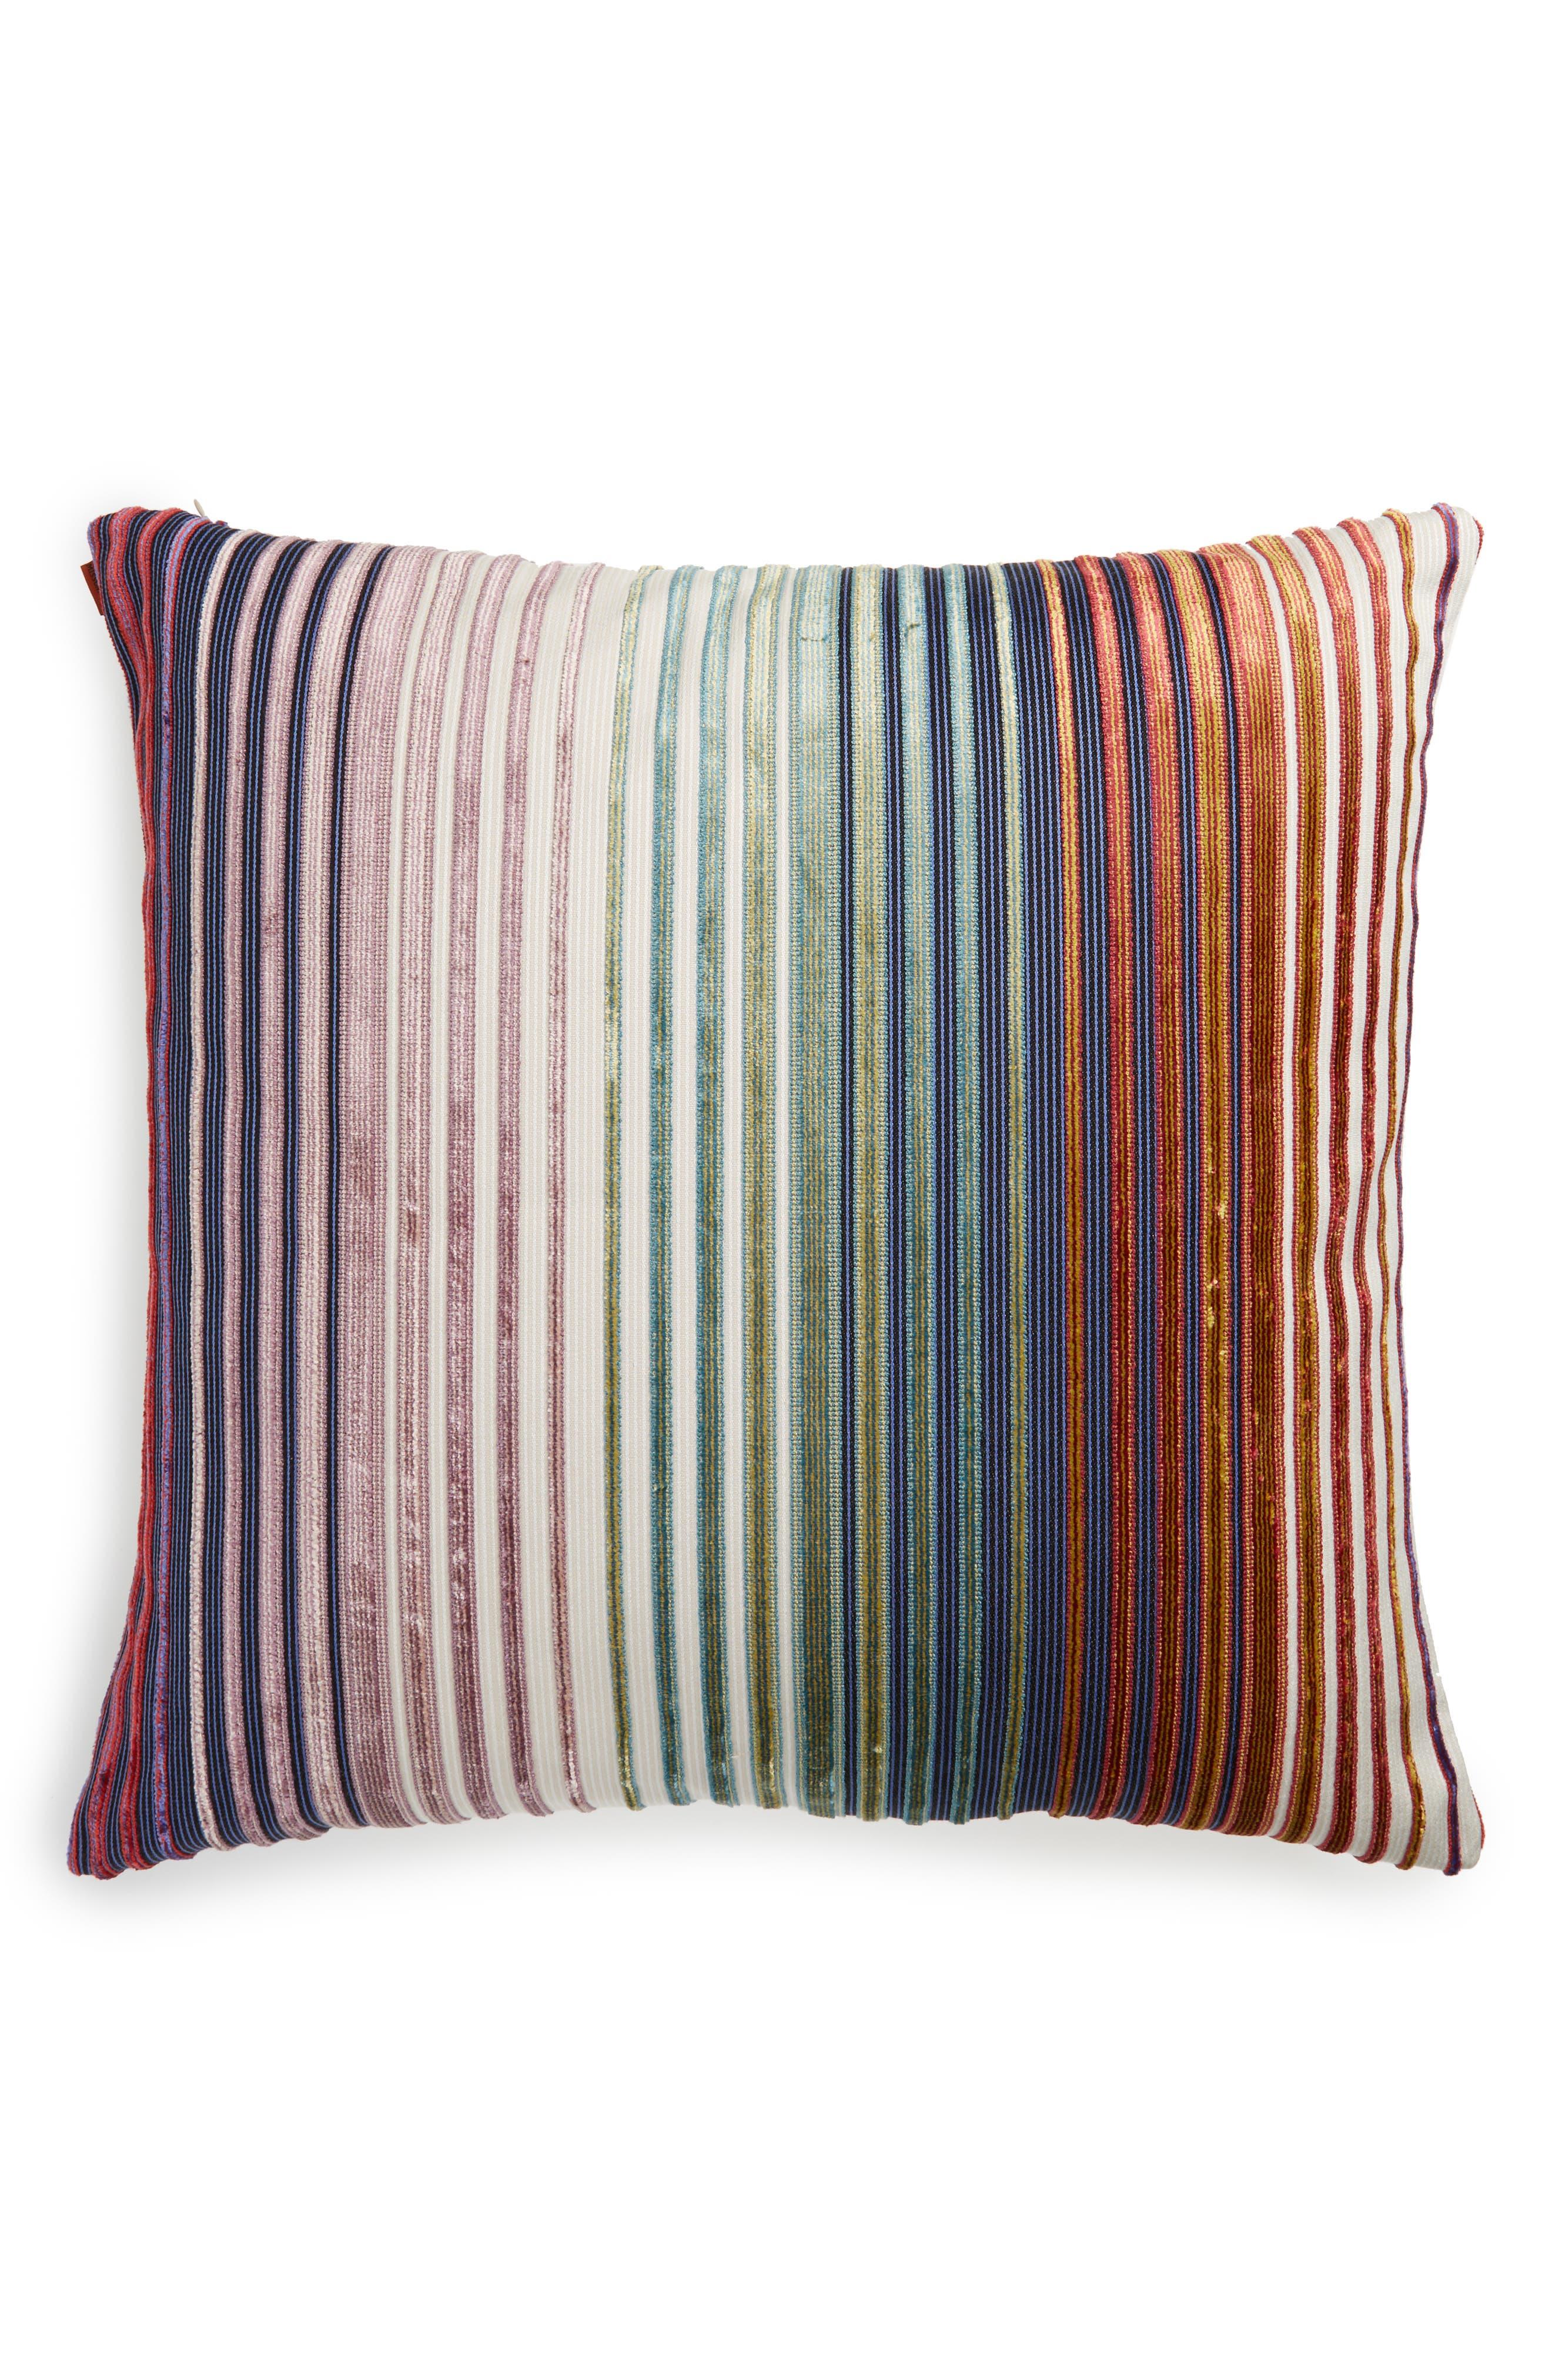 Main Image - Missoni Tunisi Accent Pillow